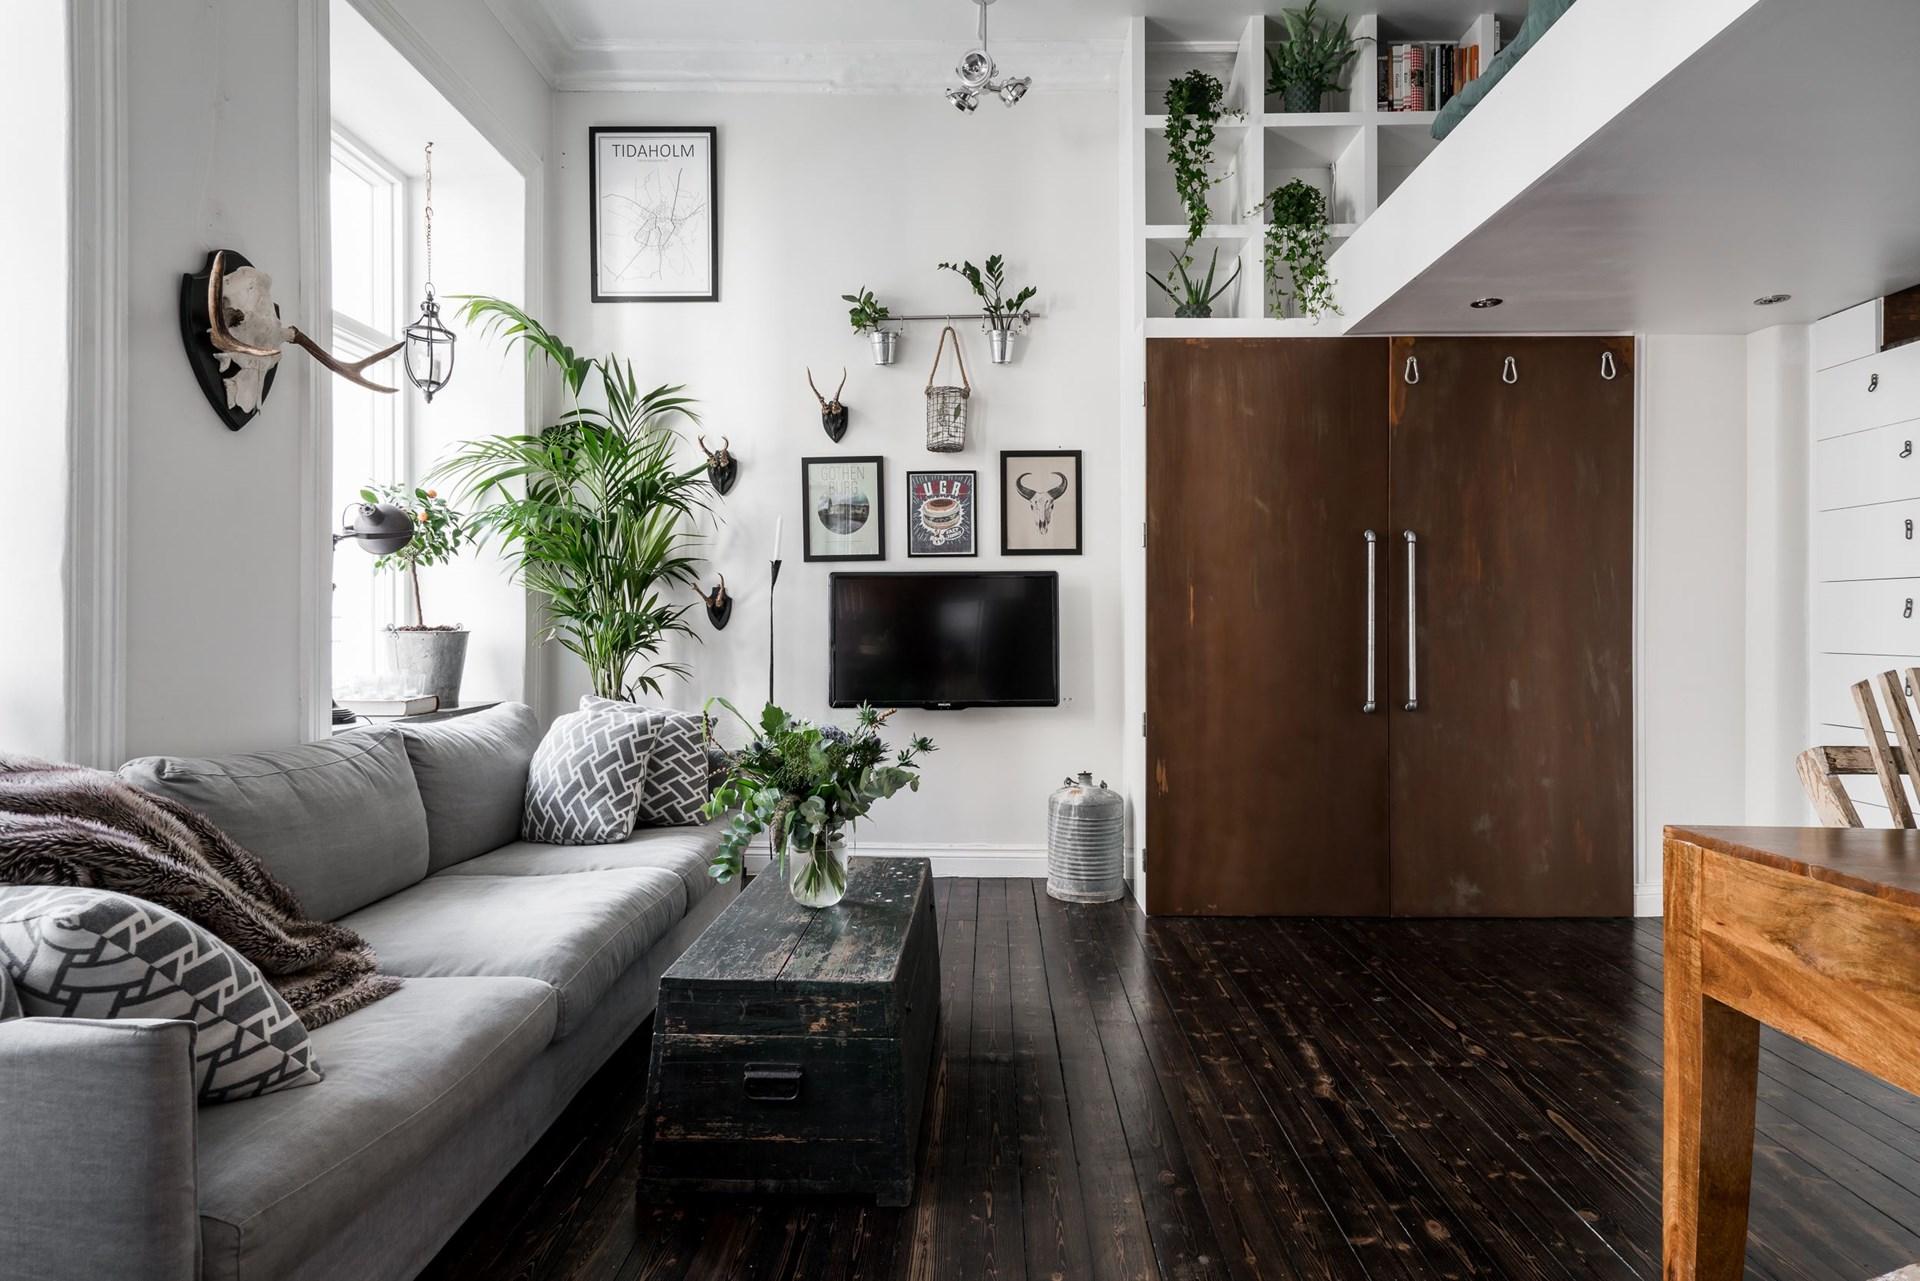 гостиная высокий потолок антресоли шкаф диван телевизор сундук темный деревянный пол